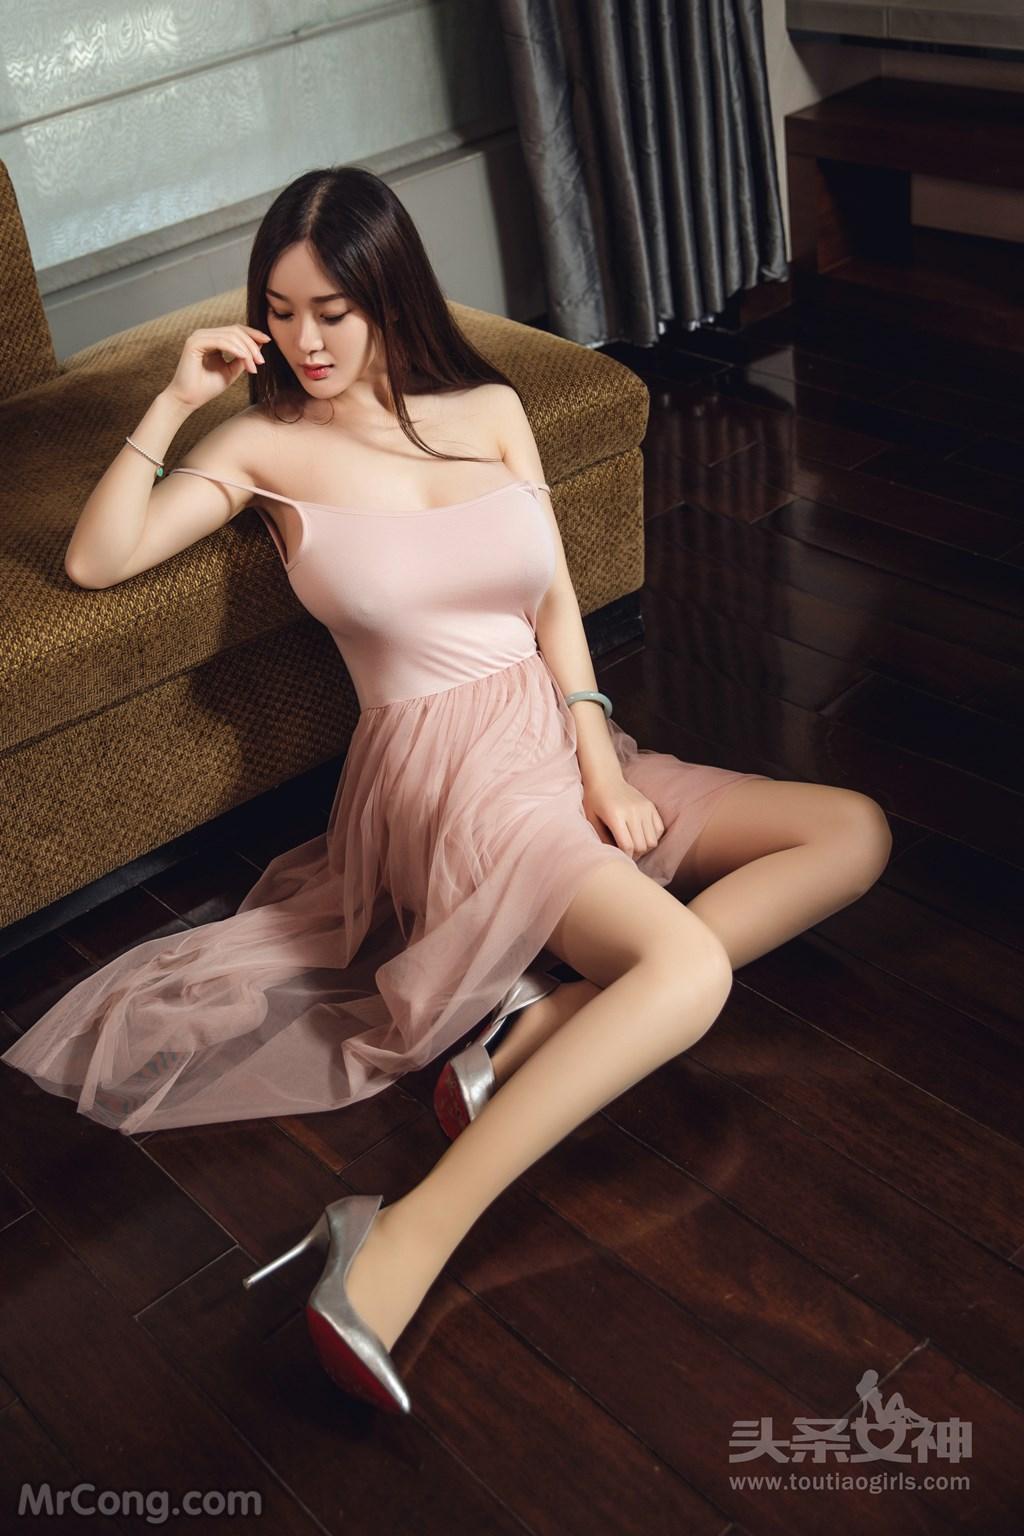 Image TouTiao-2017-05-08-Yi-Yang-MrCong.com-028 in post TouTiao 2017-05-08: Người mẫu Yi Yang (易阳) (30 ảnh)